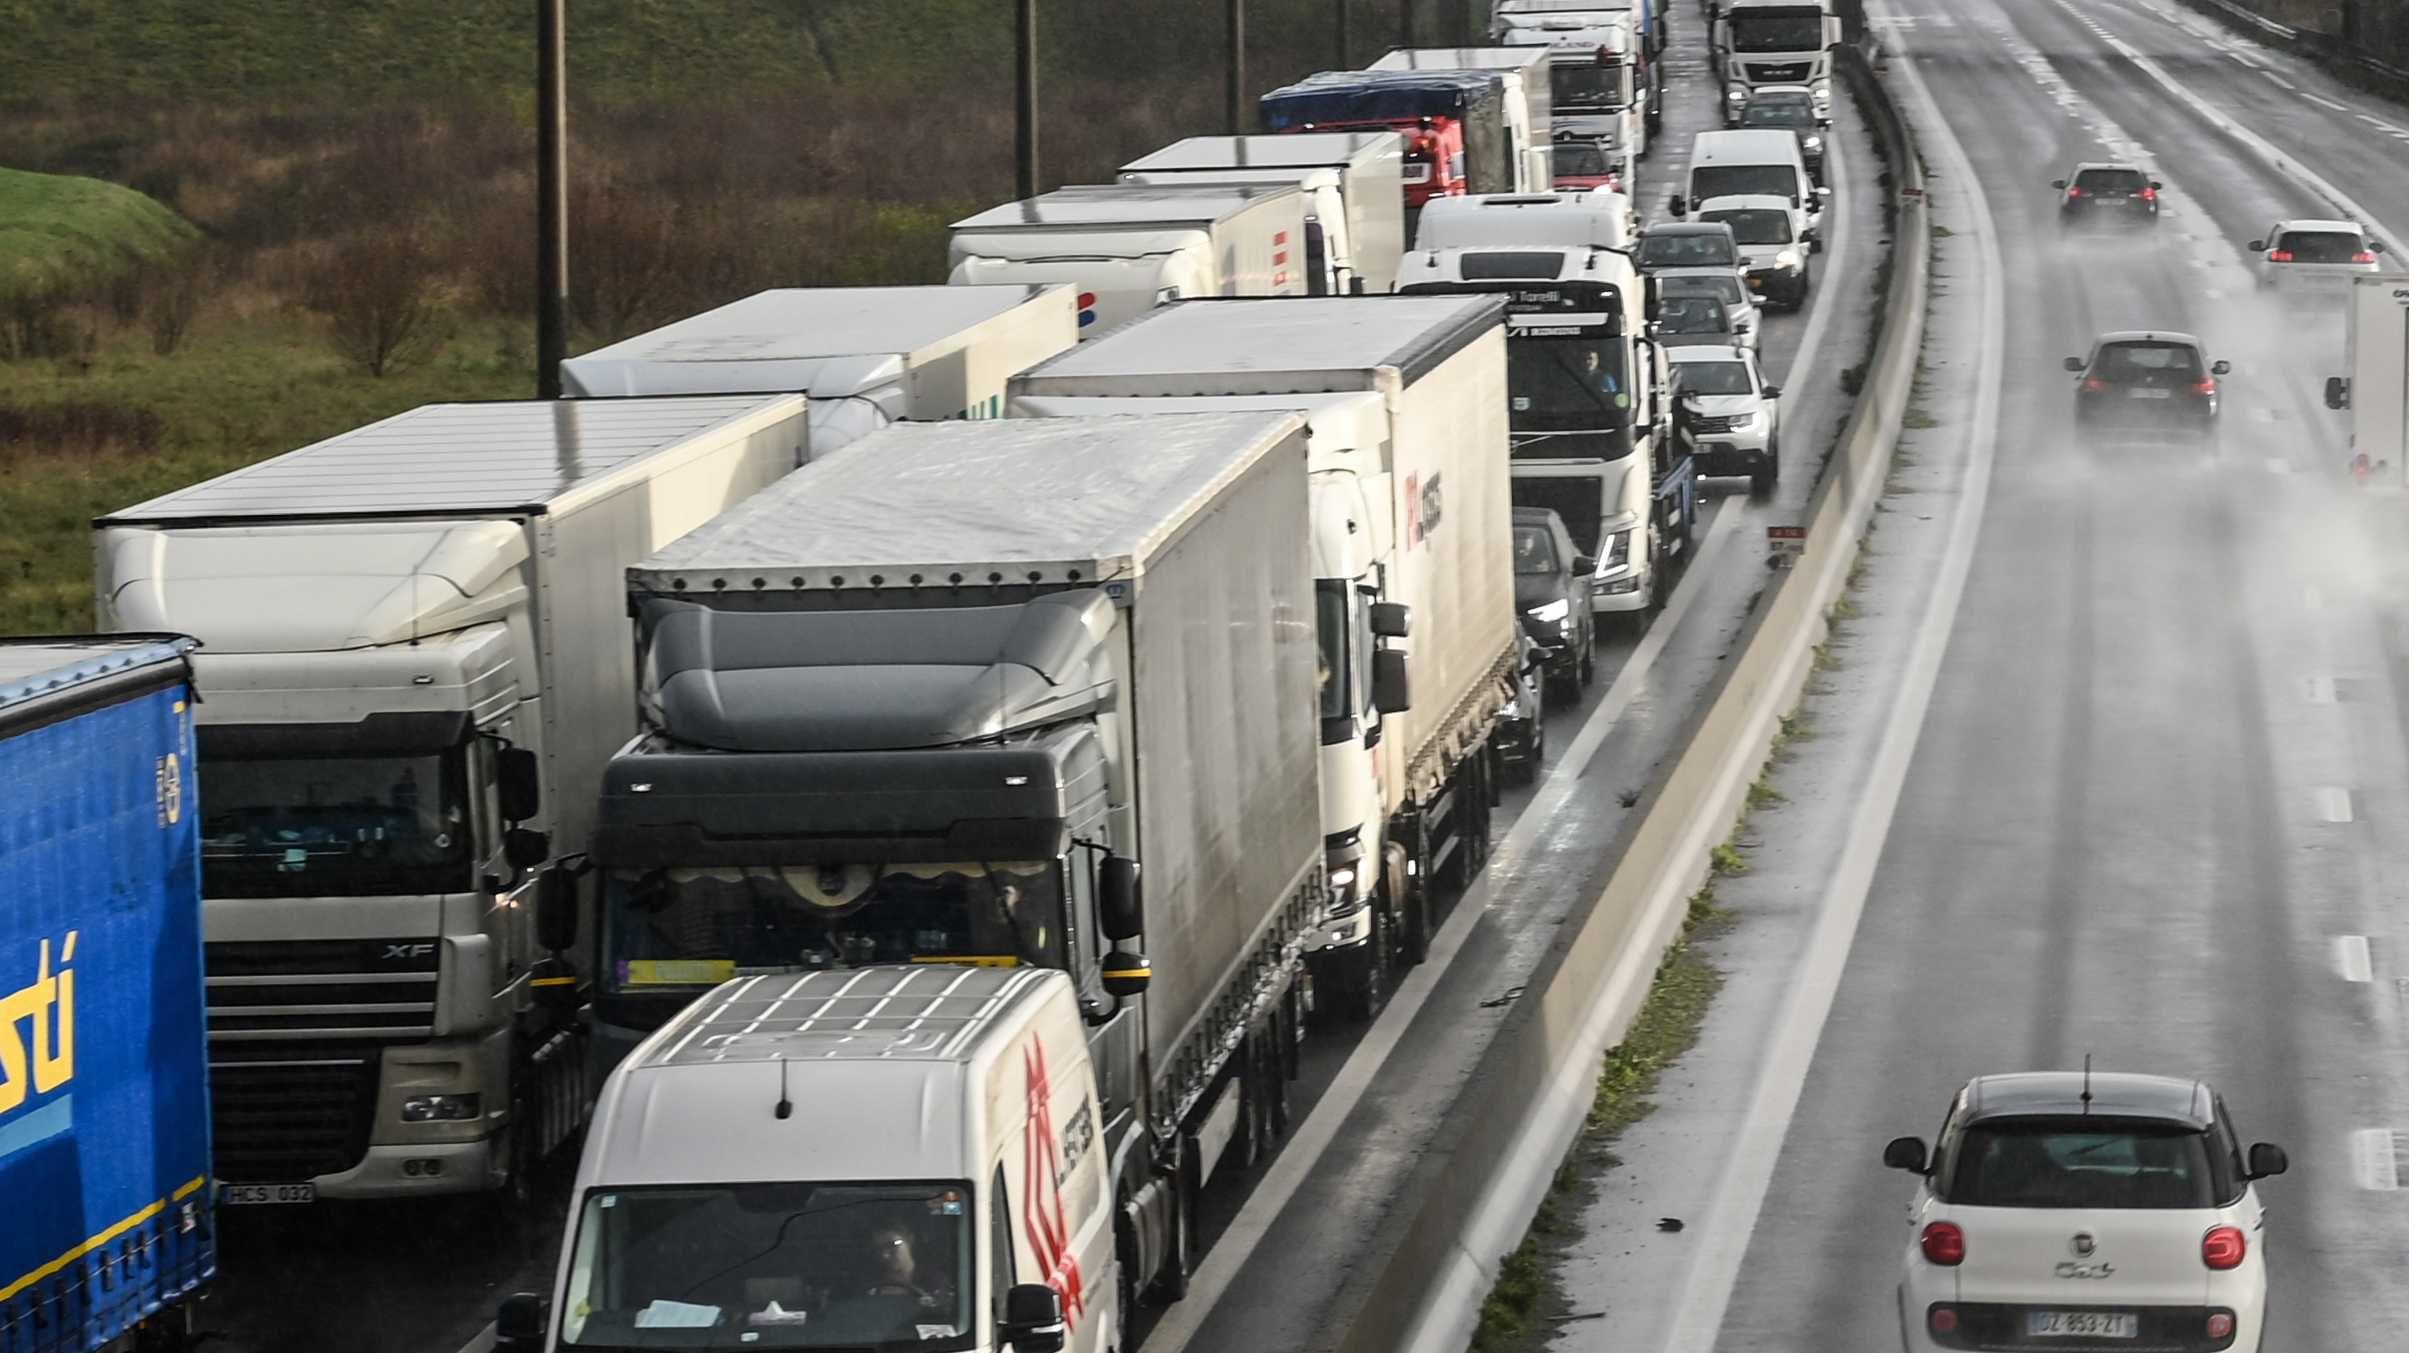 Camiones Varados por COVID19.